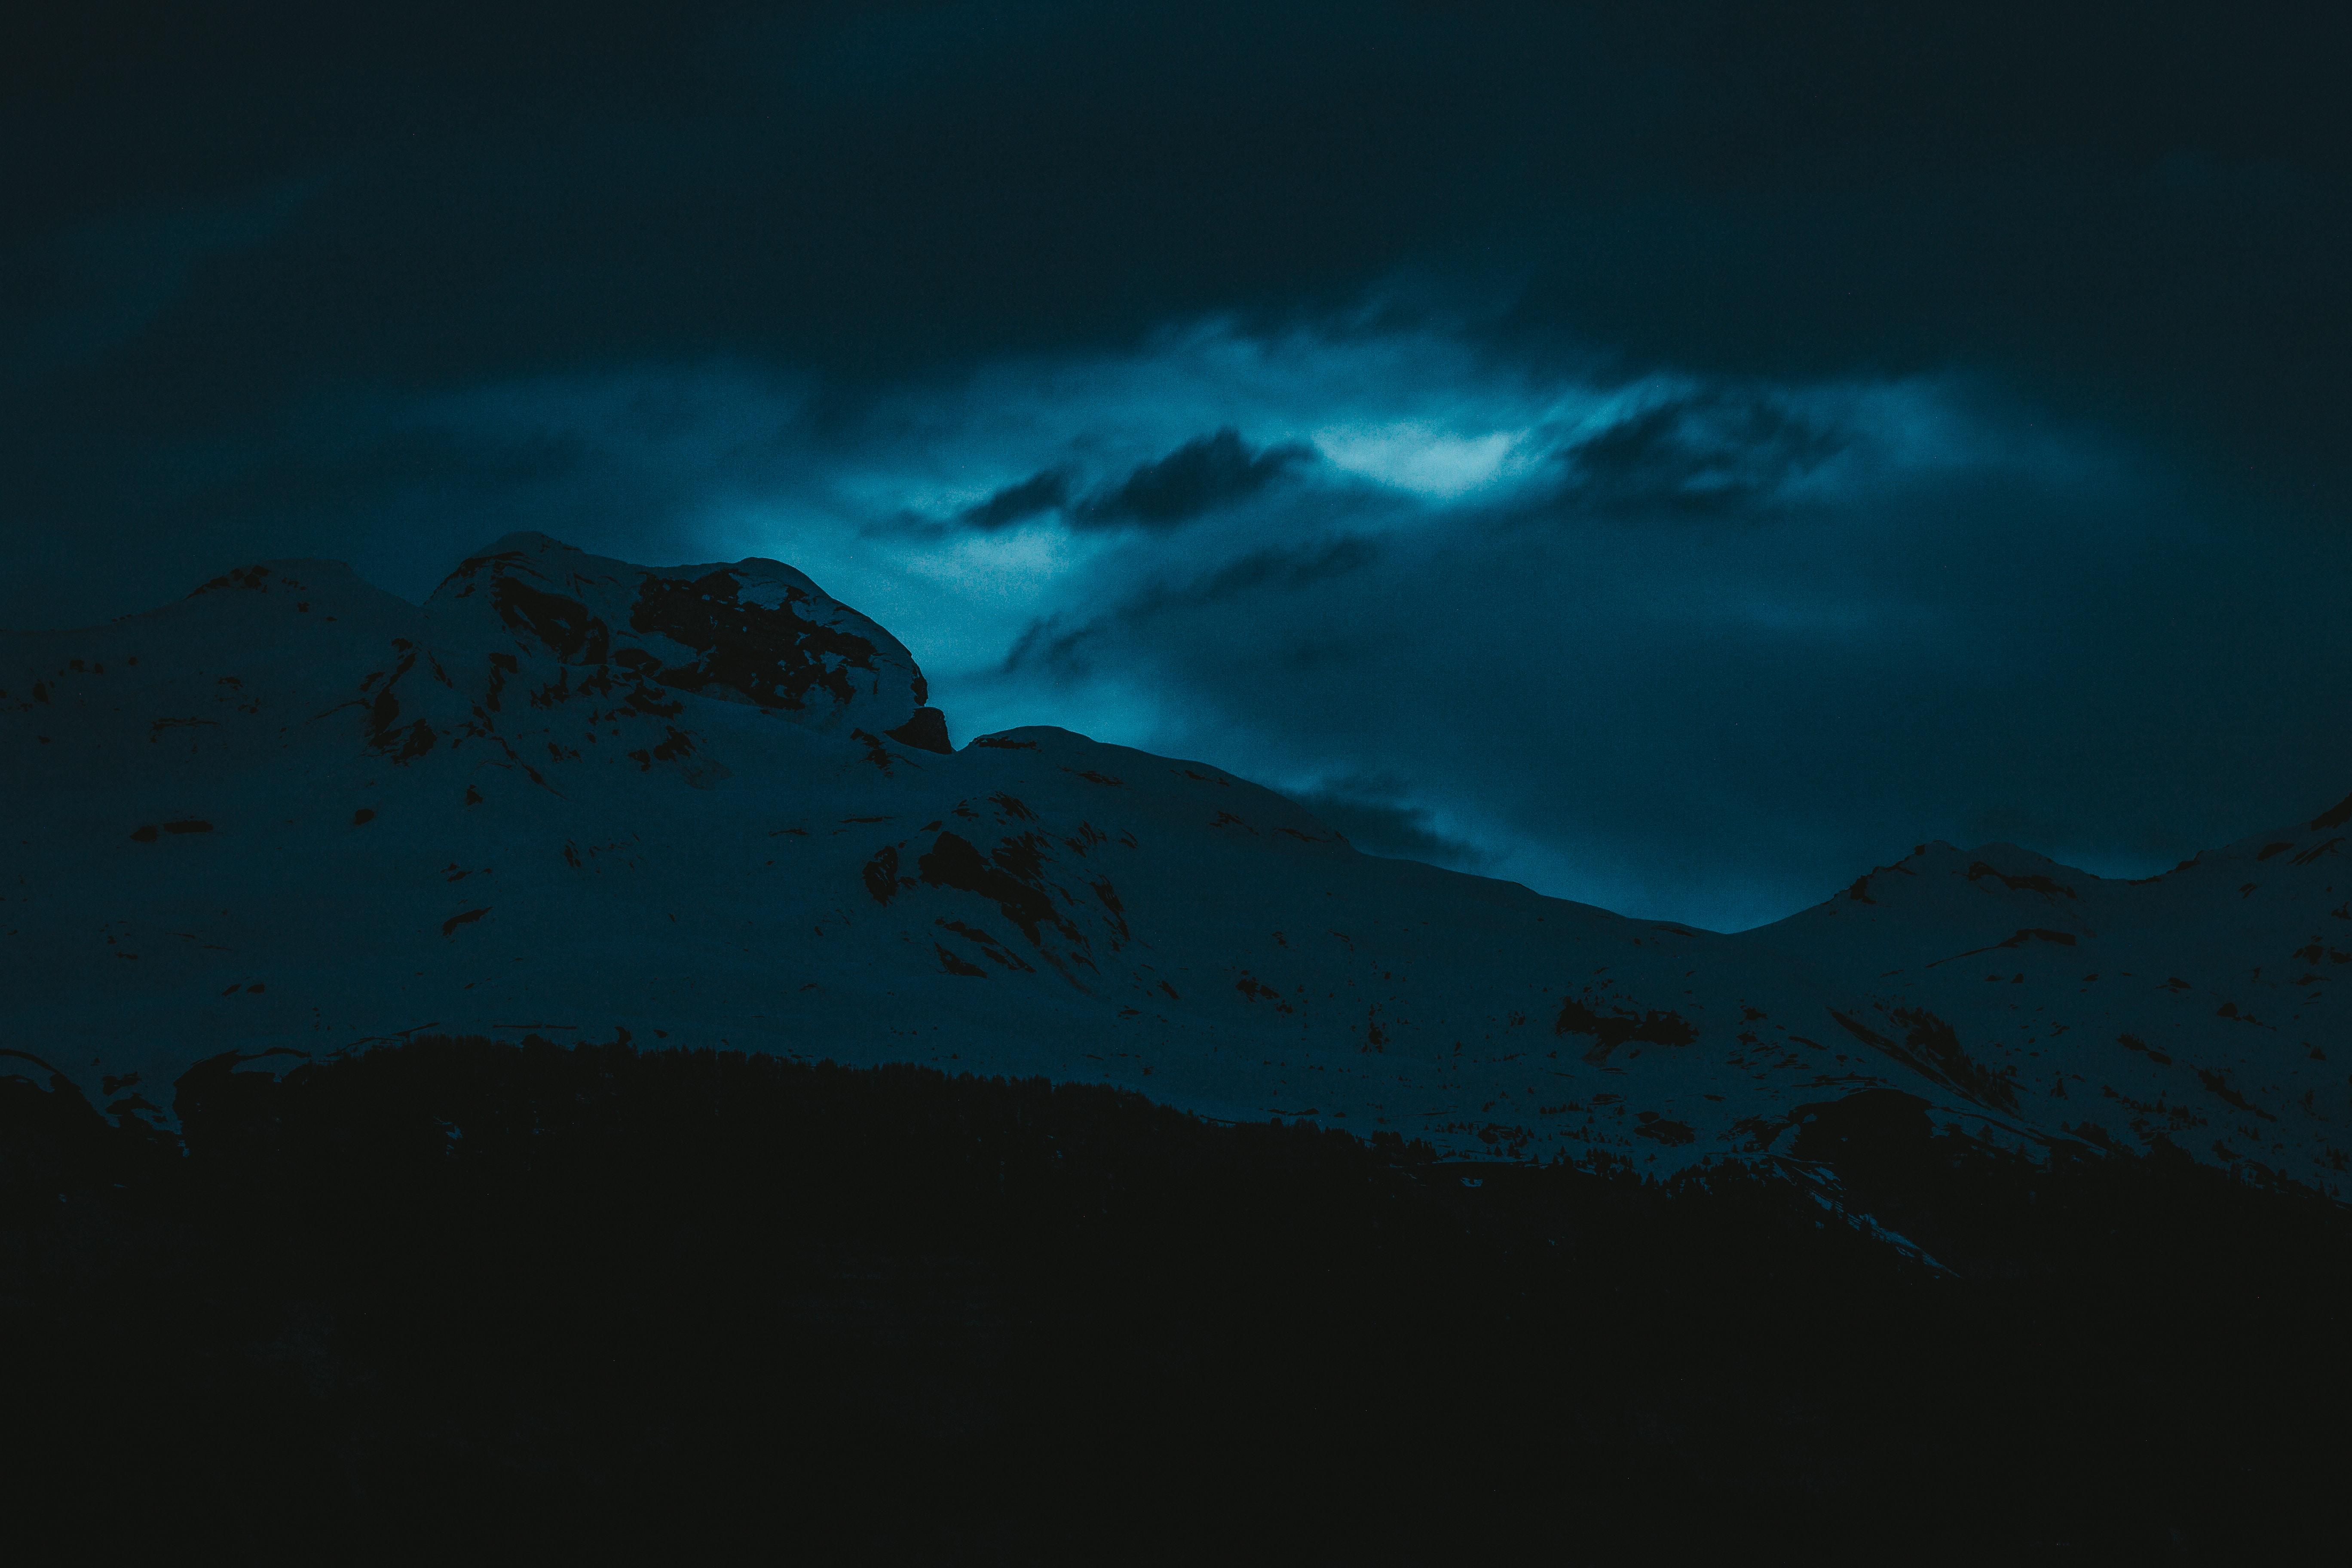 dark evening snow covered mountains 1574939651 - Dark Evening Snow Covered Mountains -